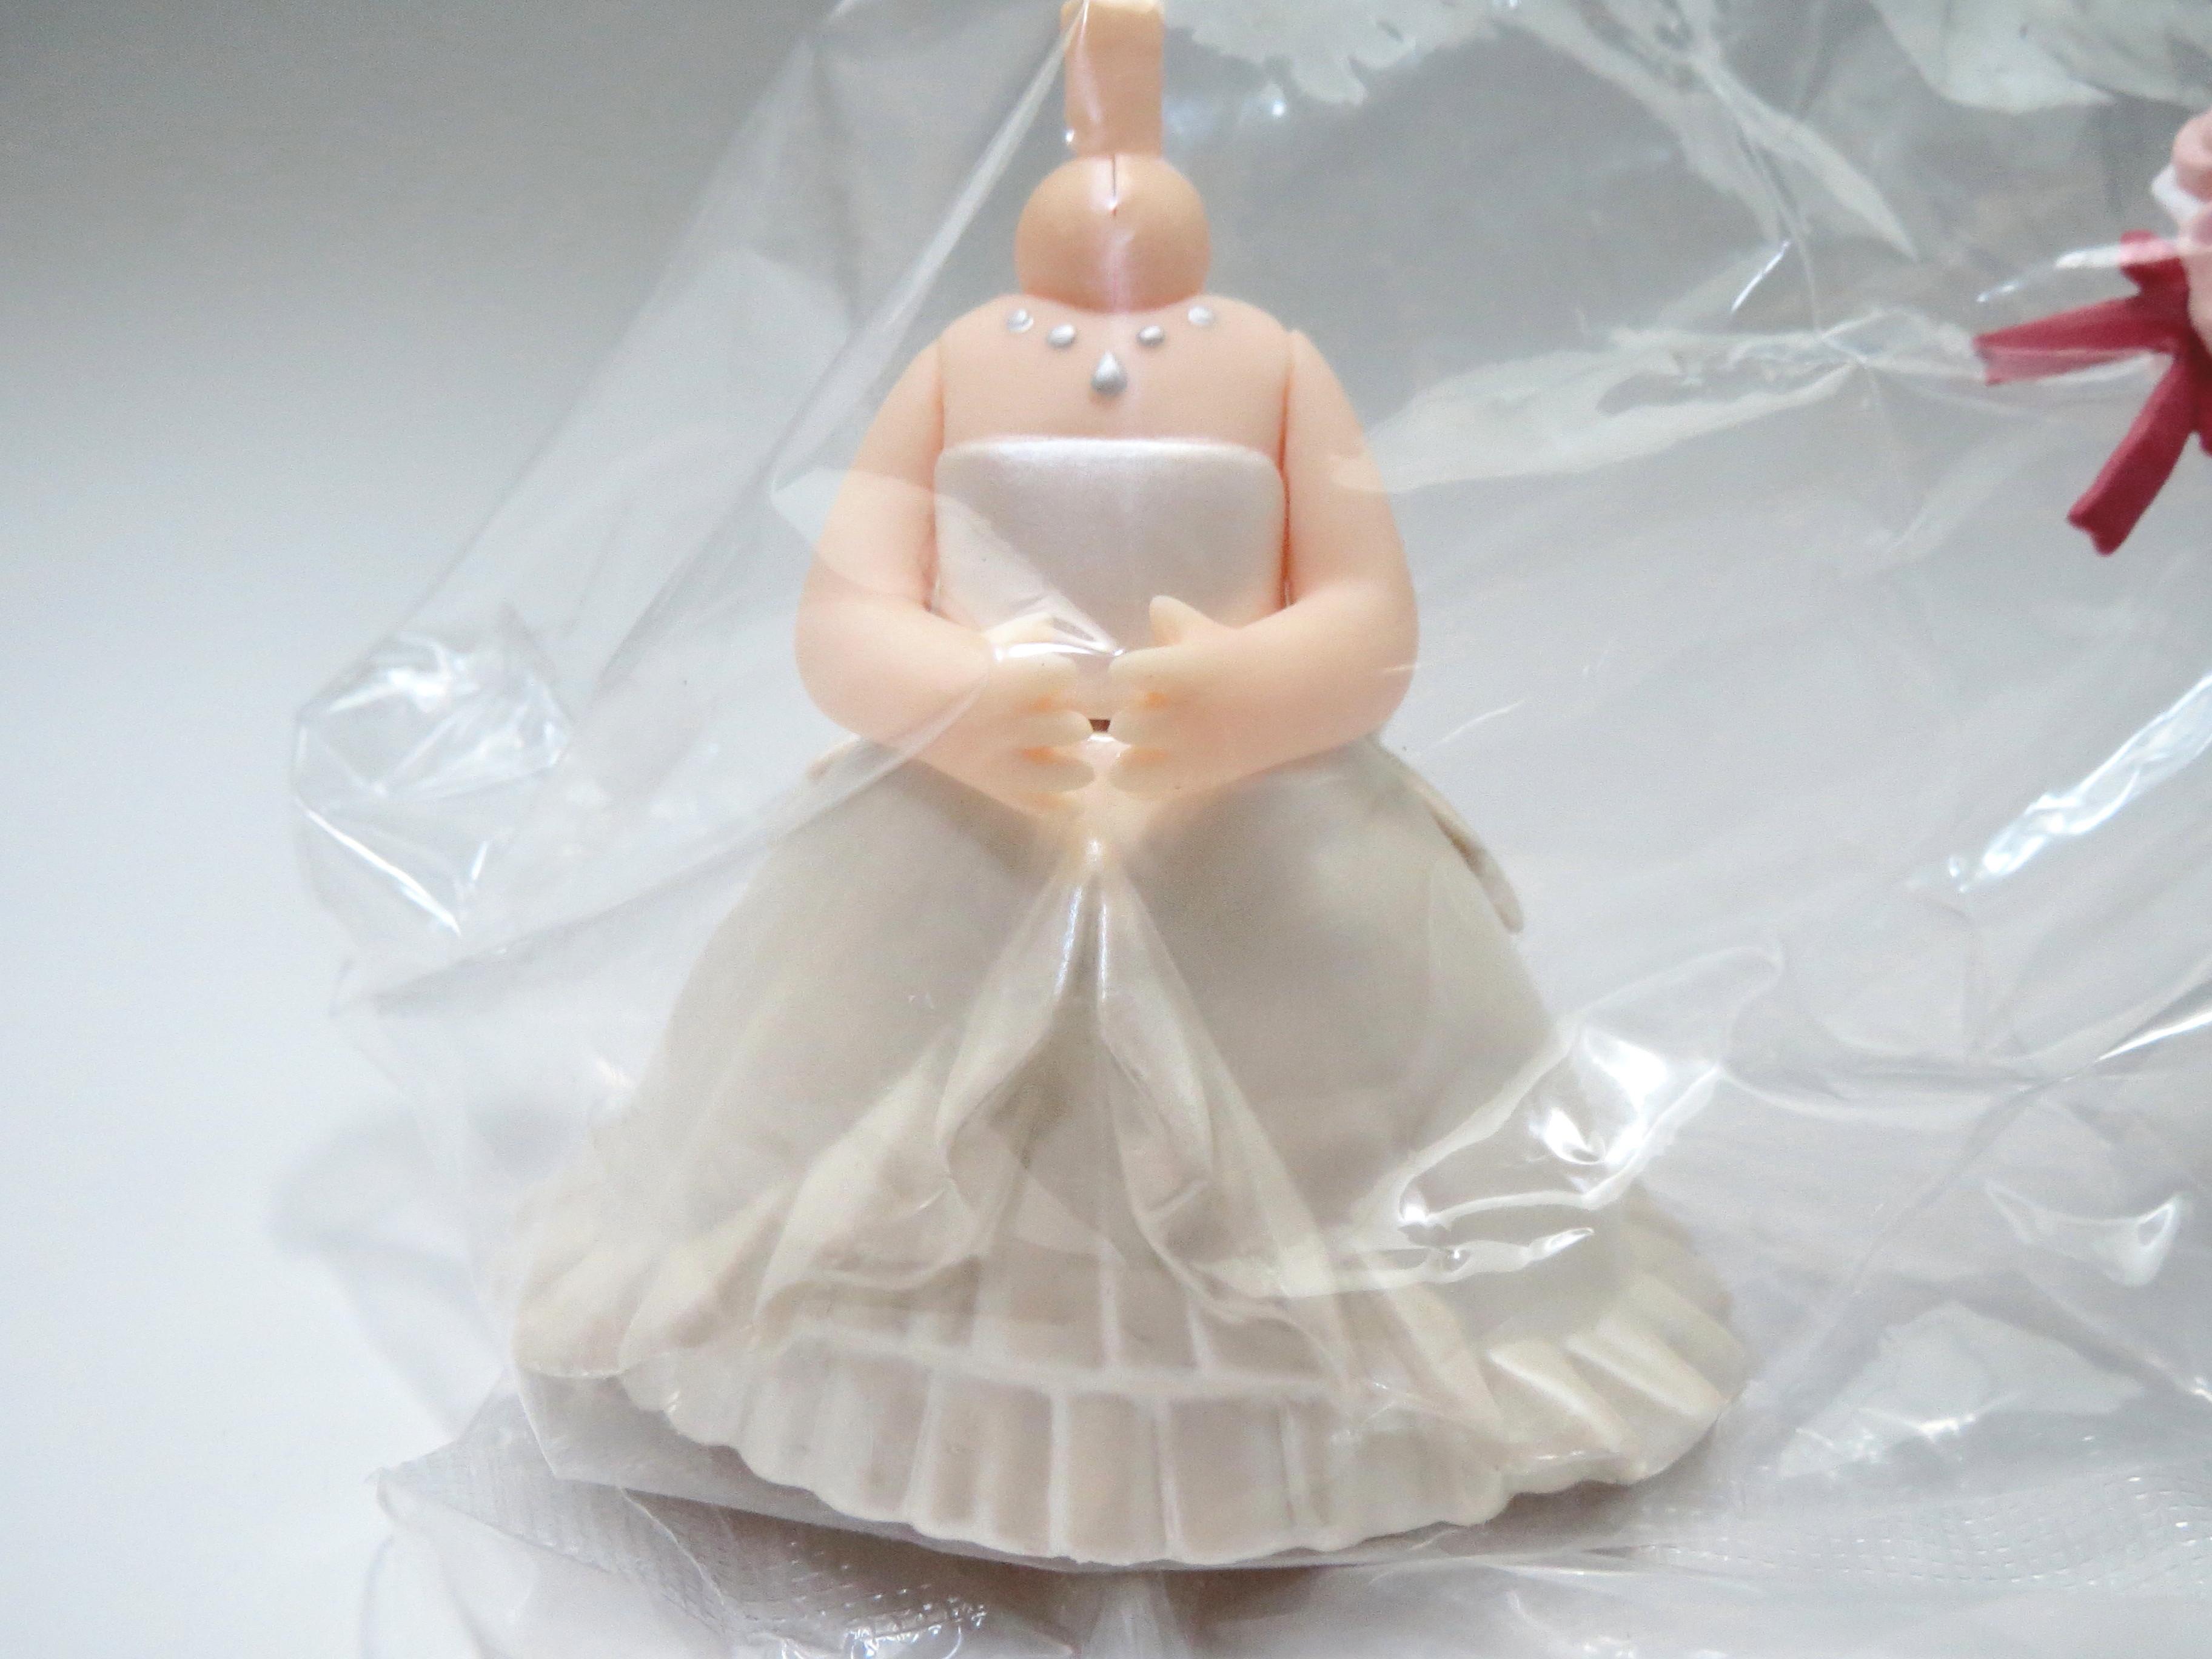 再入荷 ねんどろいどもあ きせかえウエディング 体パーツ ドレス ピュアリーホワイト